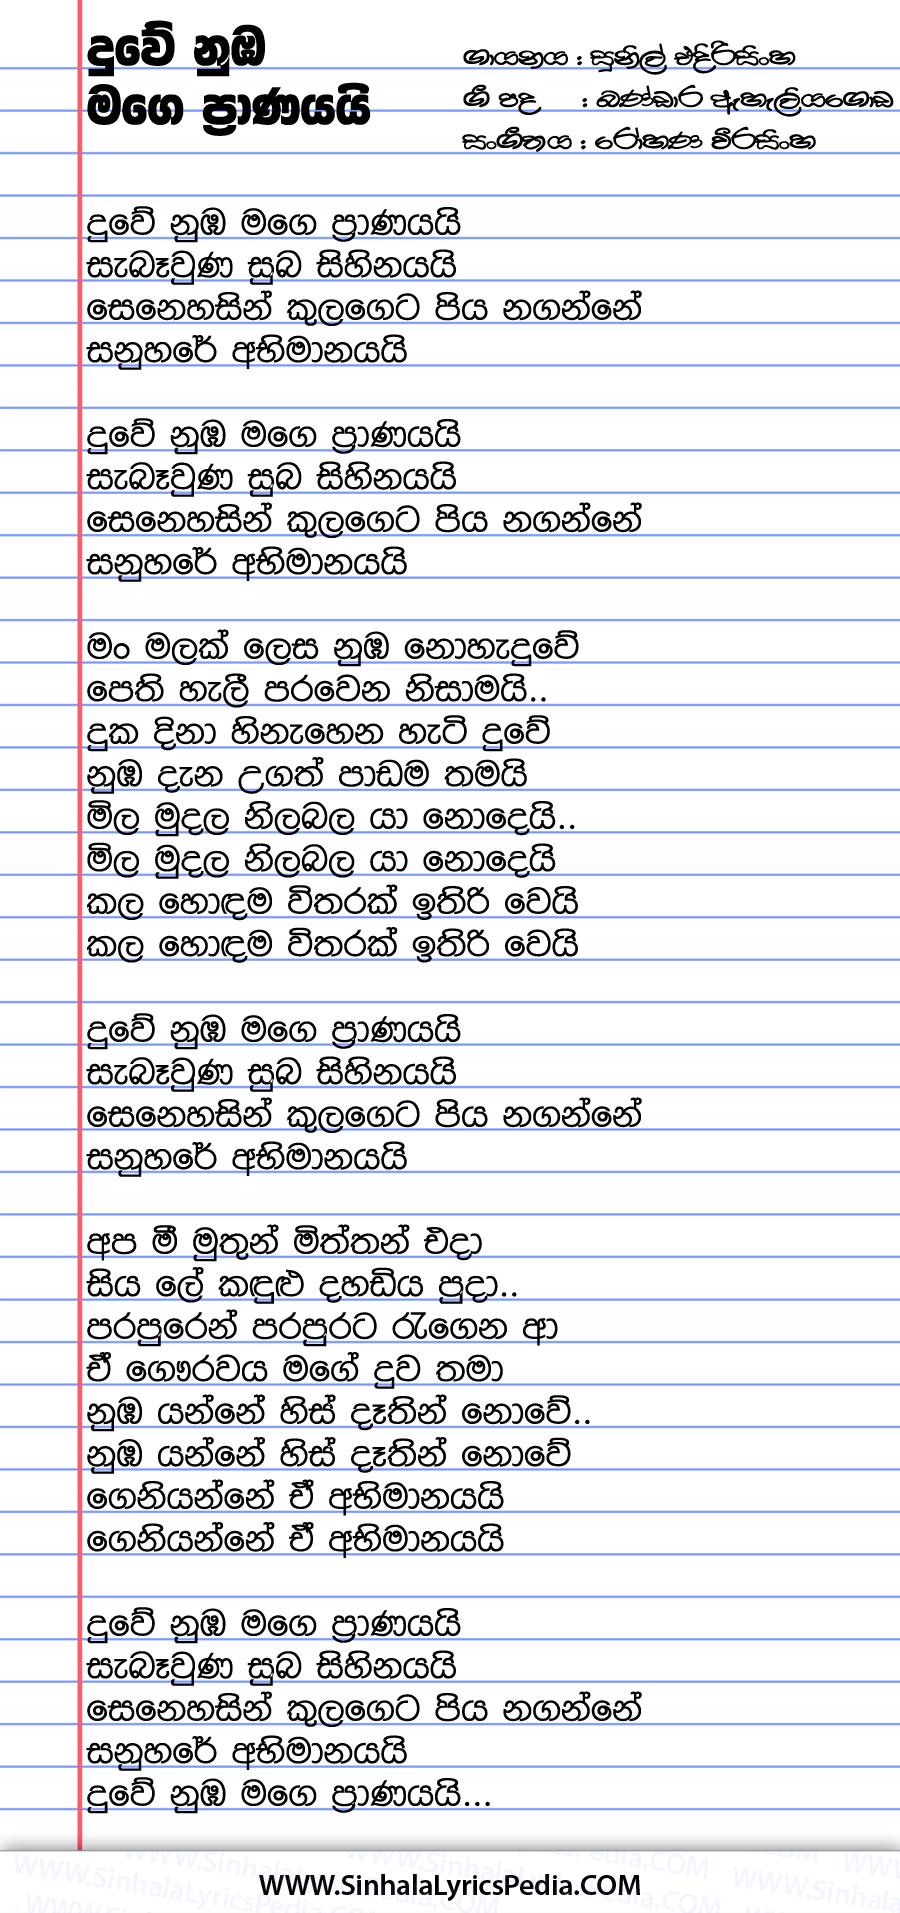 Duwe Nuba Mage Pranayai Song Lyrics